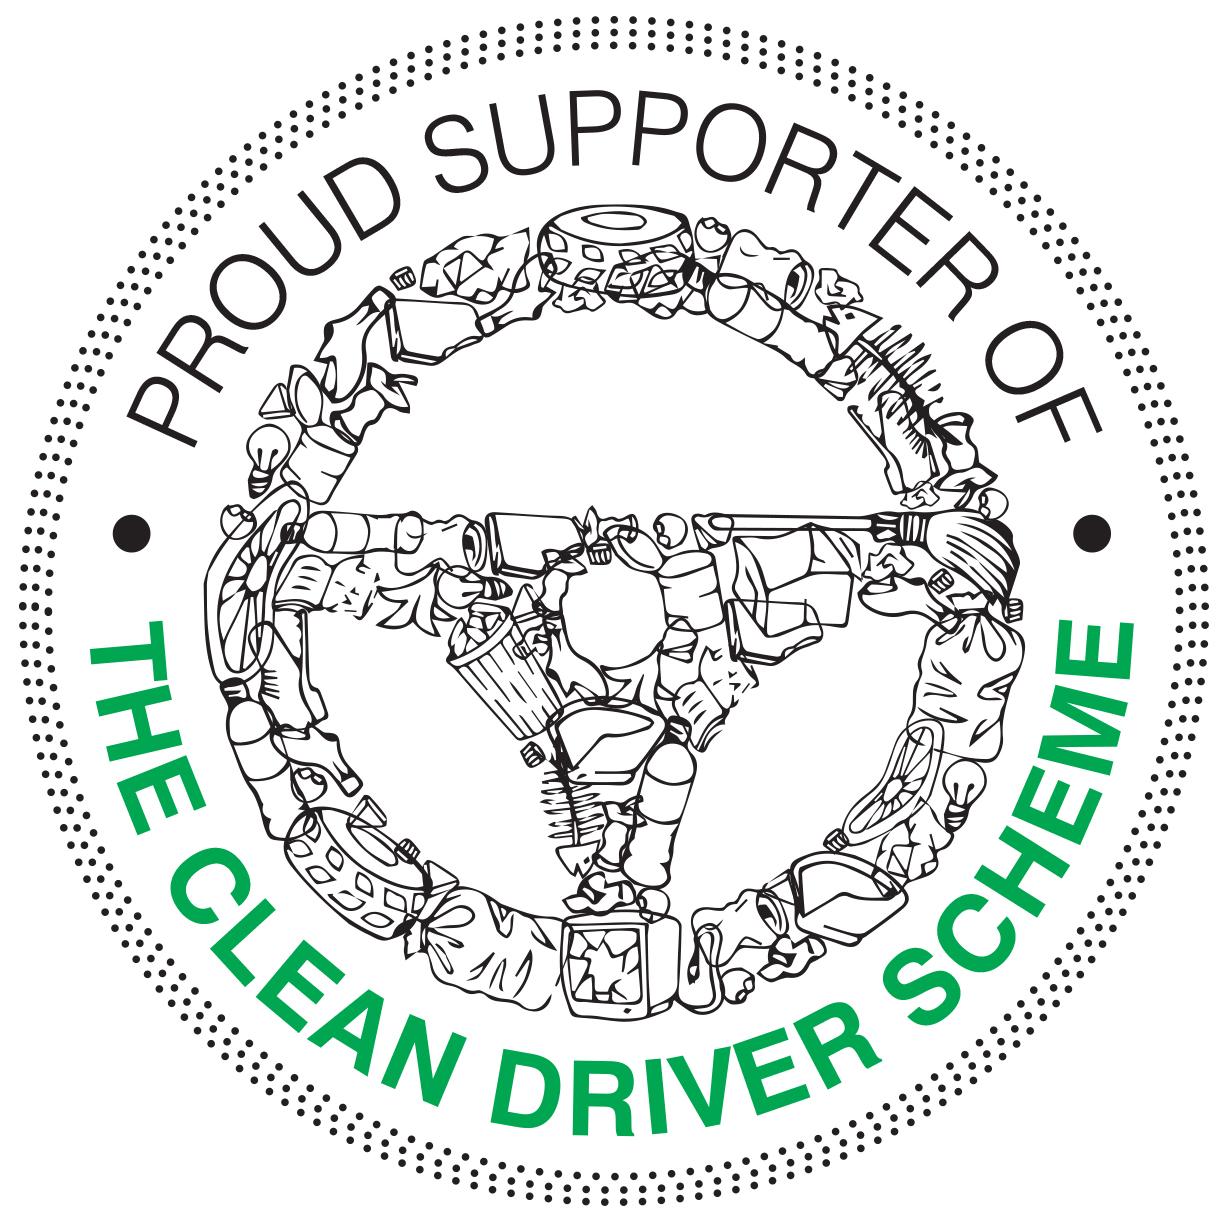 Clean driver scheme logo